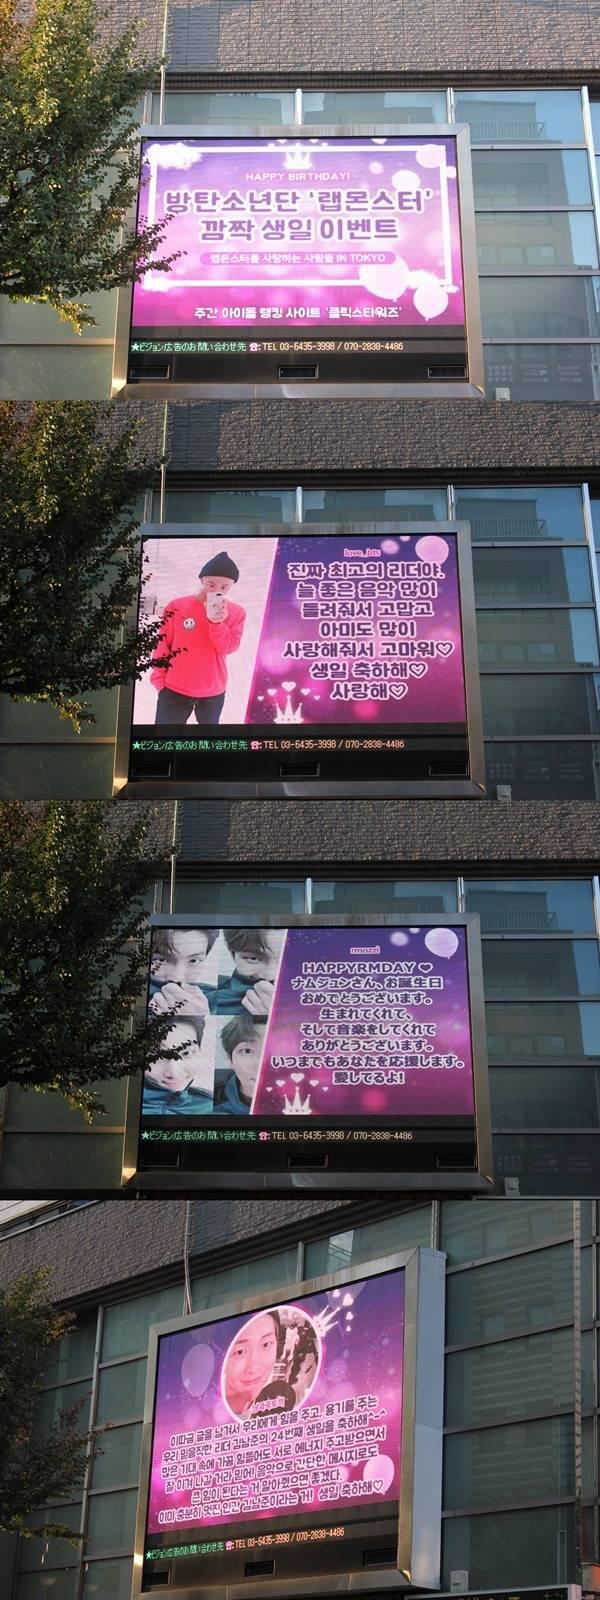 랩몬스터, 생일 축하해 그룹 방탄소년단 팬들이 랩몬스터의 생일을 맞아 축하 전광판을 꾸몄다. /클릭스타워즈 제공